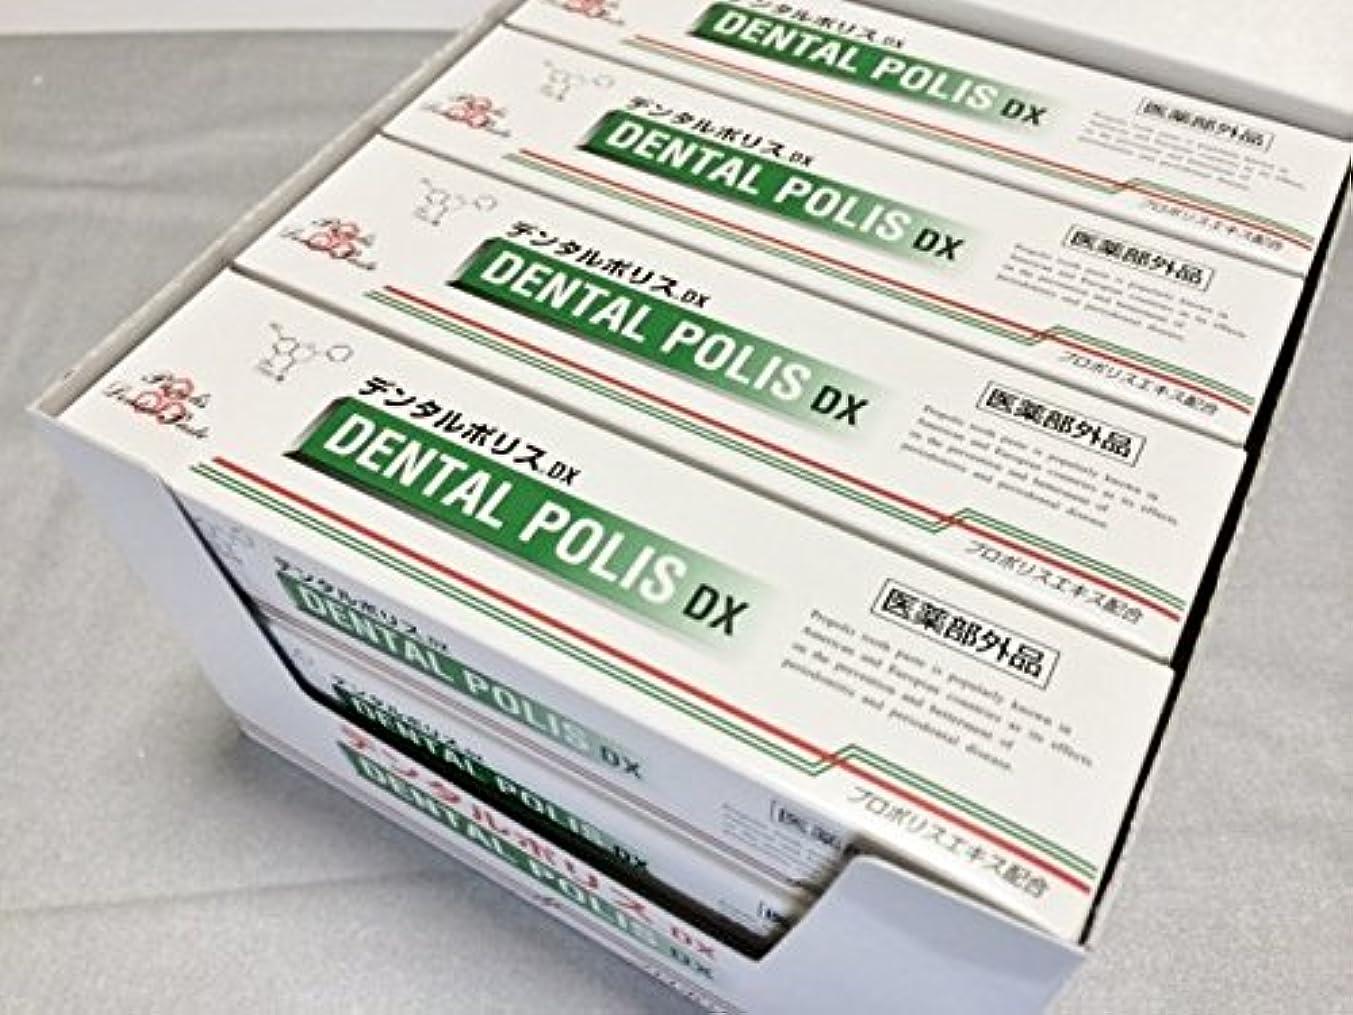 さわやかアシスト応用デンタルポリス DX 12本セット 医薬部外品